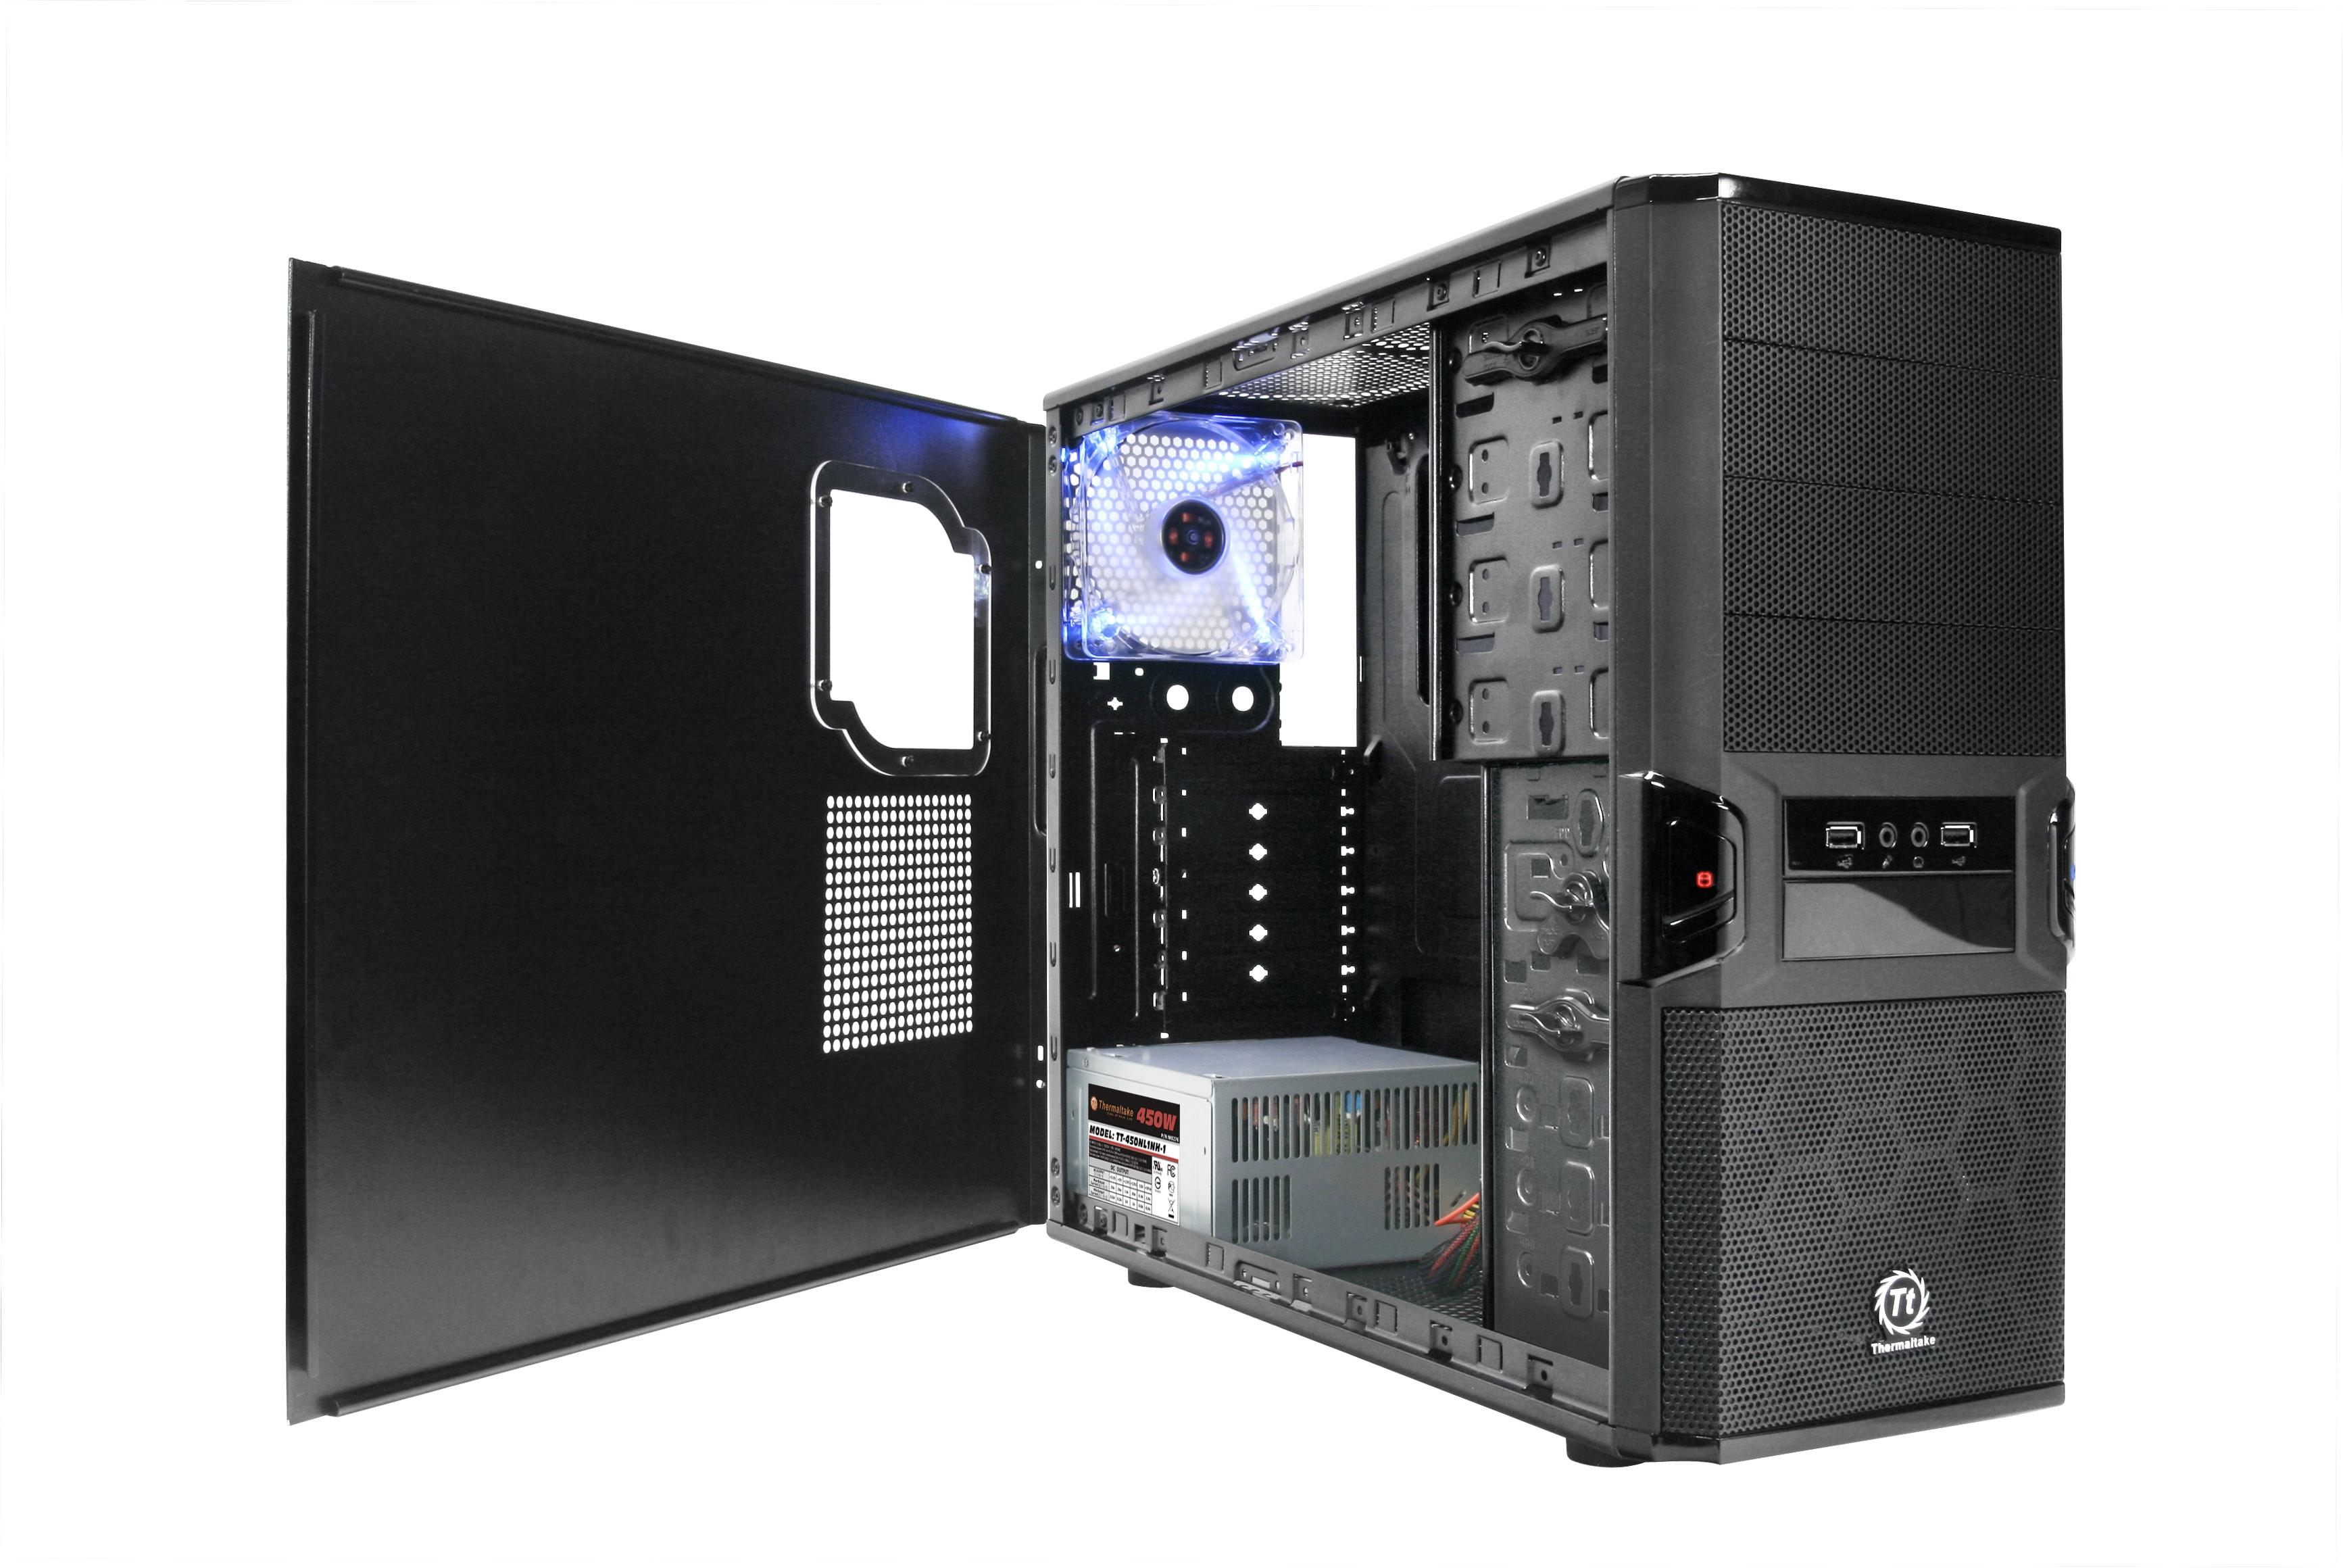 Thermaltake V3 BlacX Edition - obudowa ATX ze stacj� dokuj�c� dla HDD